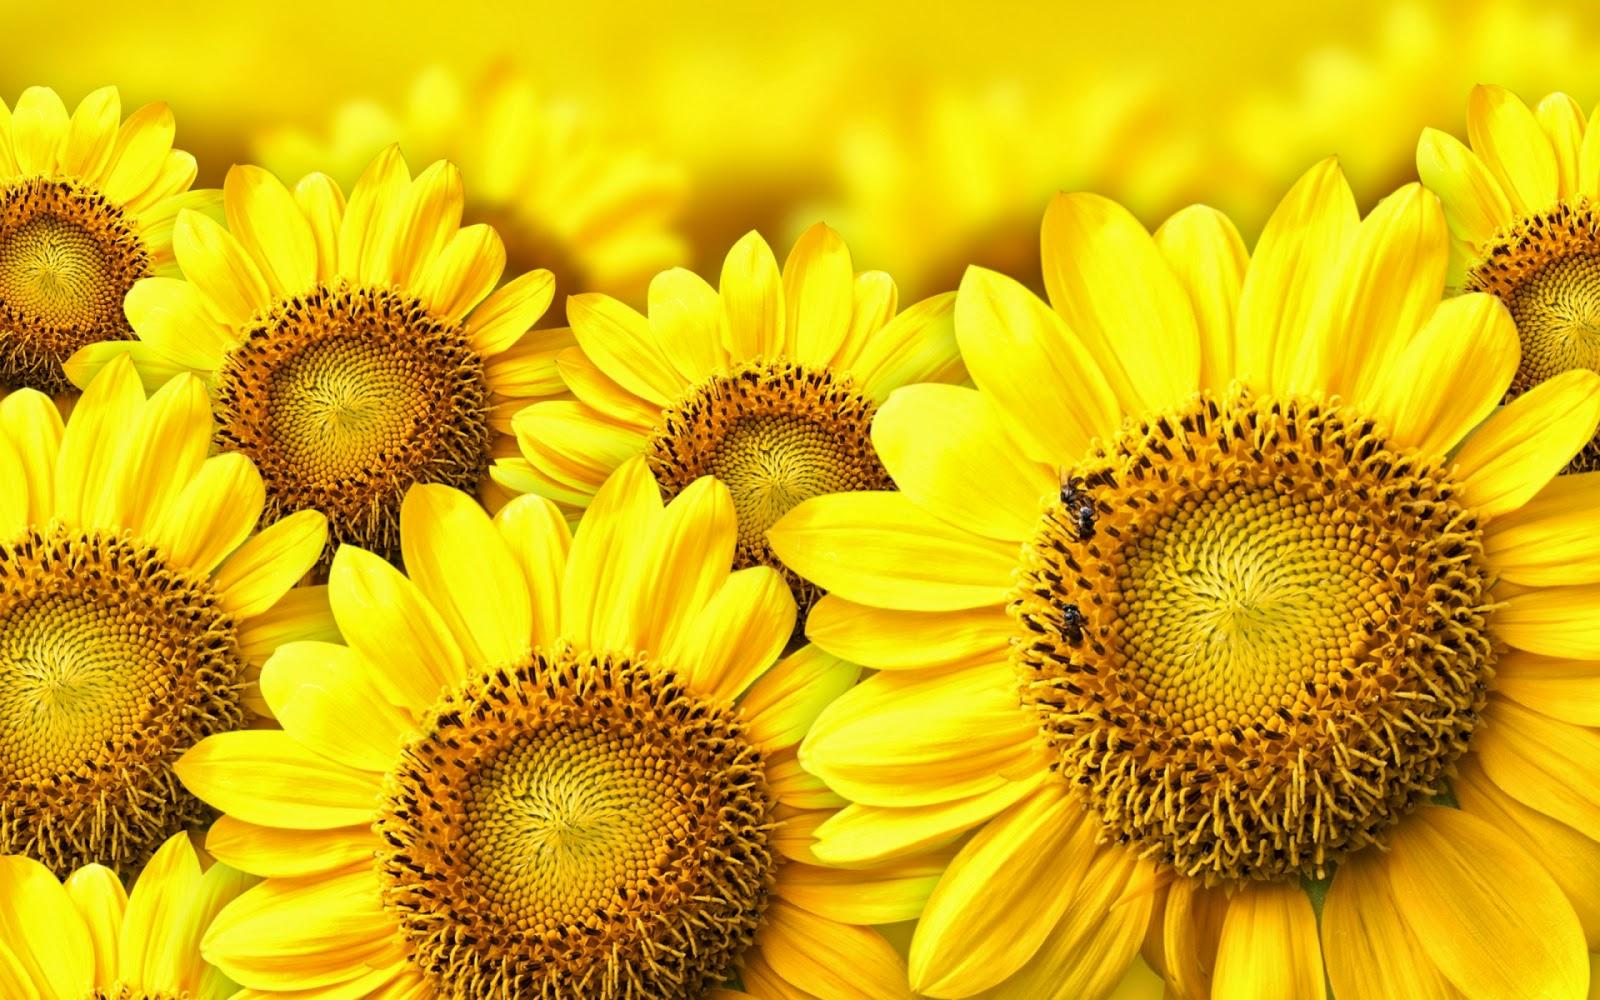 Download Wallpaper Hd Untuk Pc 10 Wallpaper Bunga Matahari Deloiz Wallpaper